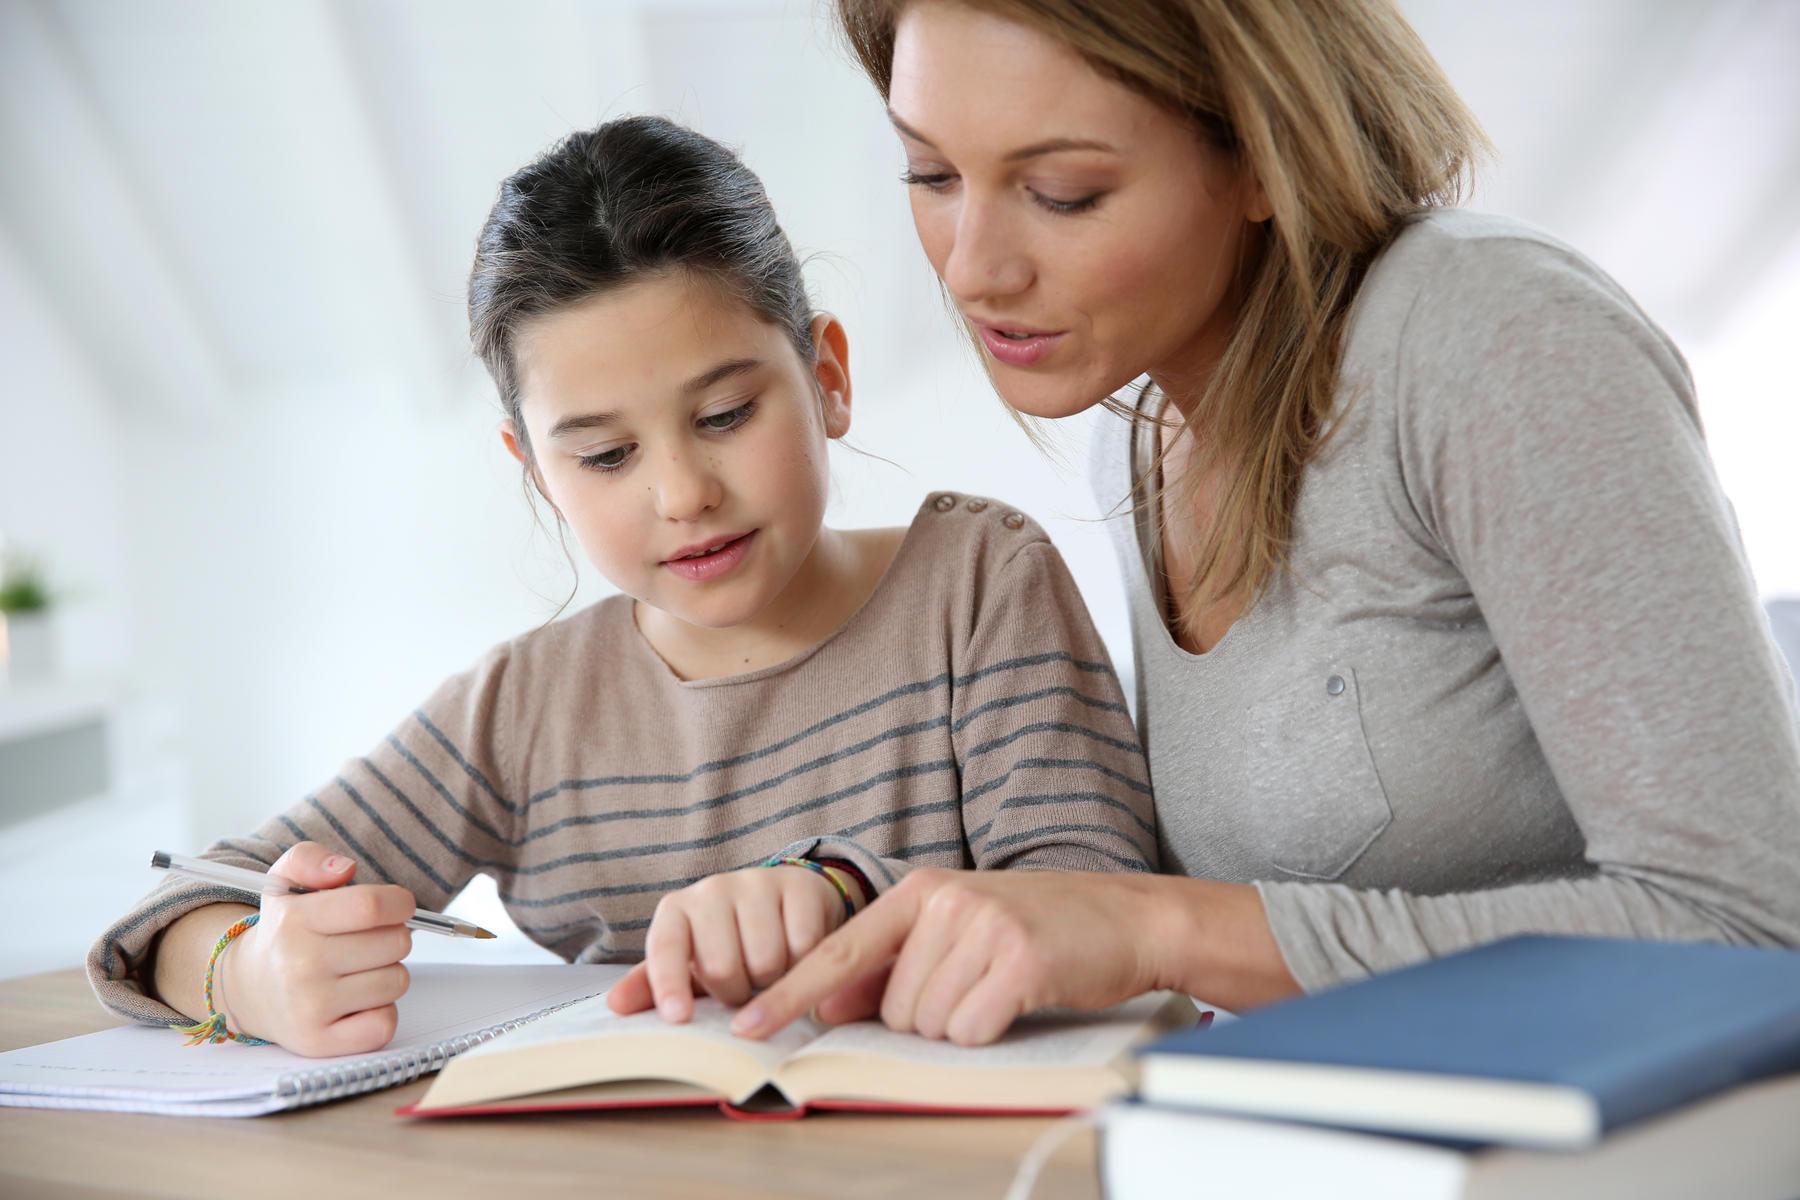 Supaya nggak stres temani anak belajar di rumah